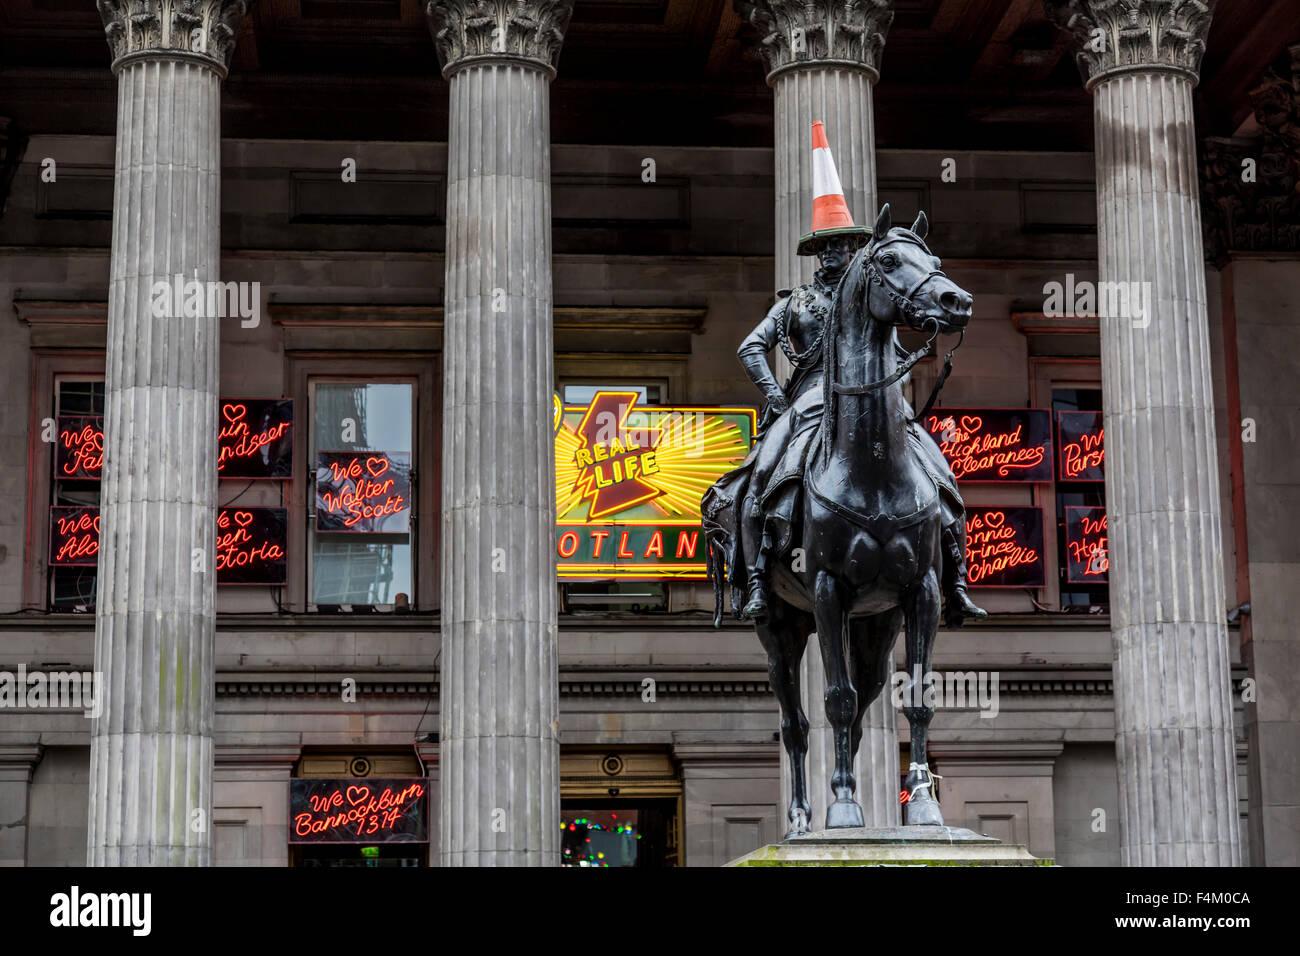 Duke of Wellington Glasgow Statue und Verkehrskegel, Gallery of Modern Art, Glasgow City Centre, Royal Exchange Square / Queen Street, Schottland, Großbritannien Stockfoto